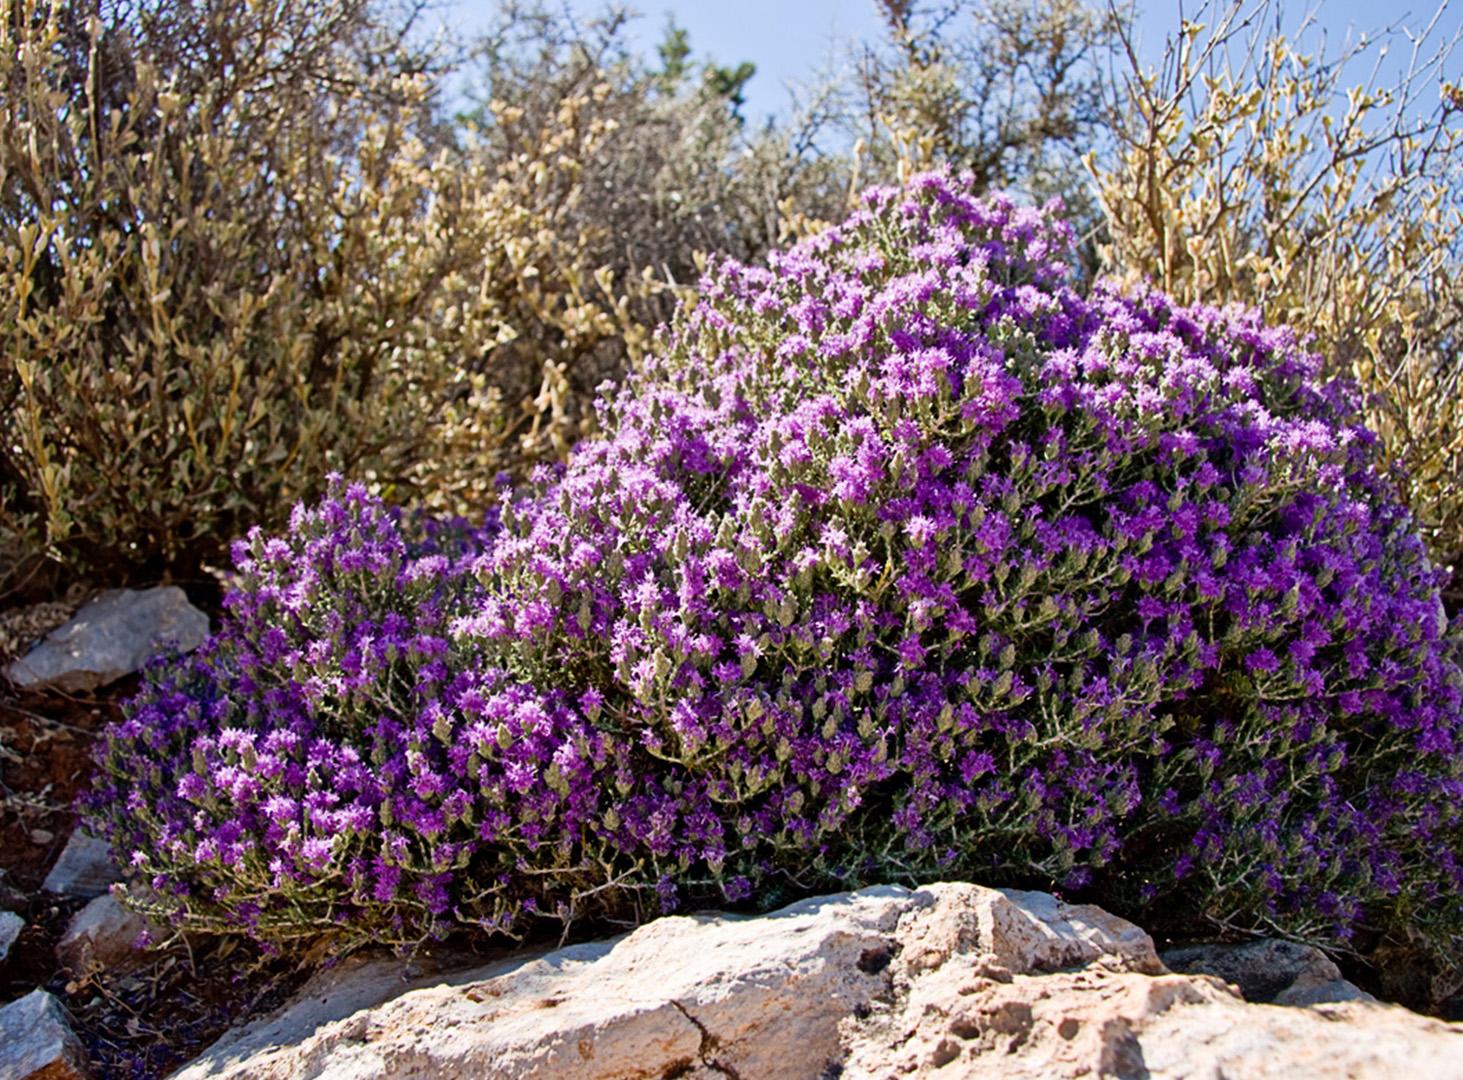 Диктамос Критский Чай Полезные Свойства И Противопоказания - основные характеристики